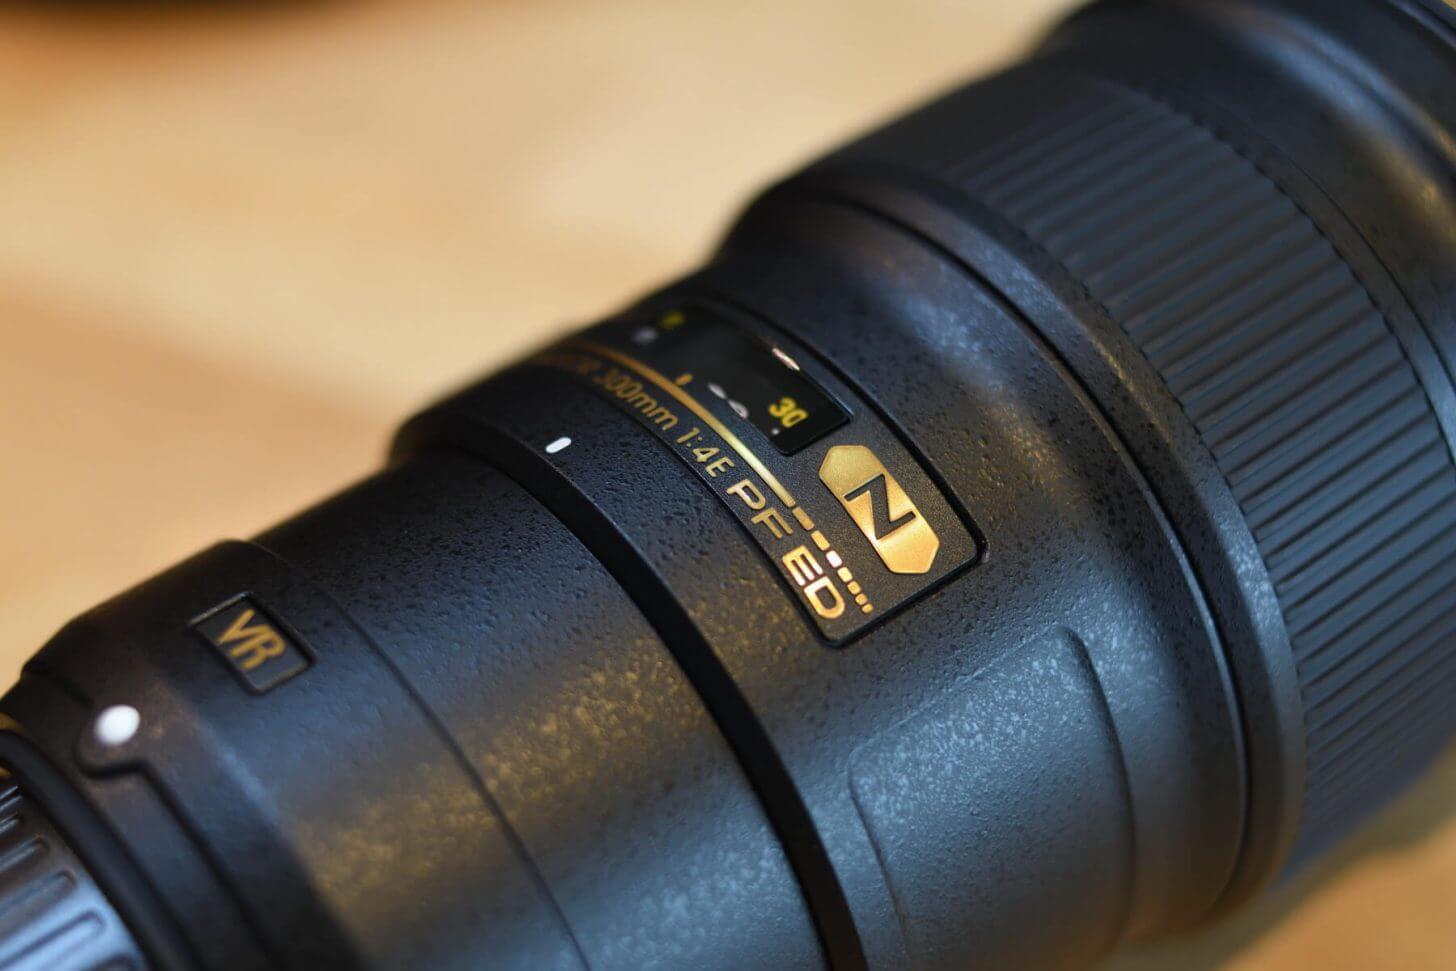 AF-S NIKKOR 300mm f/4E PF ED VRエンブレム